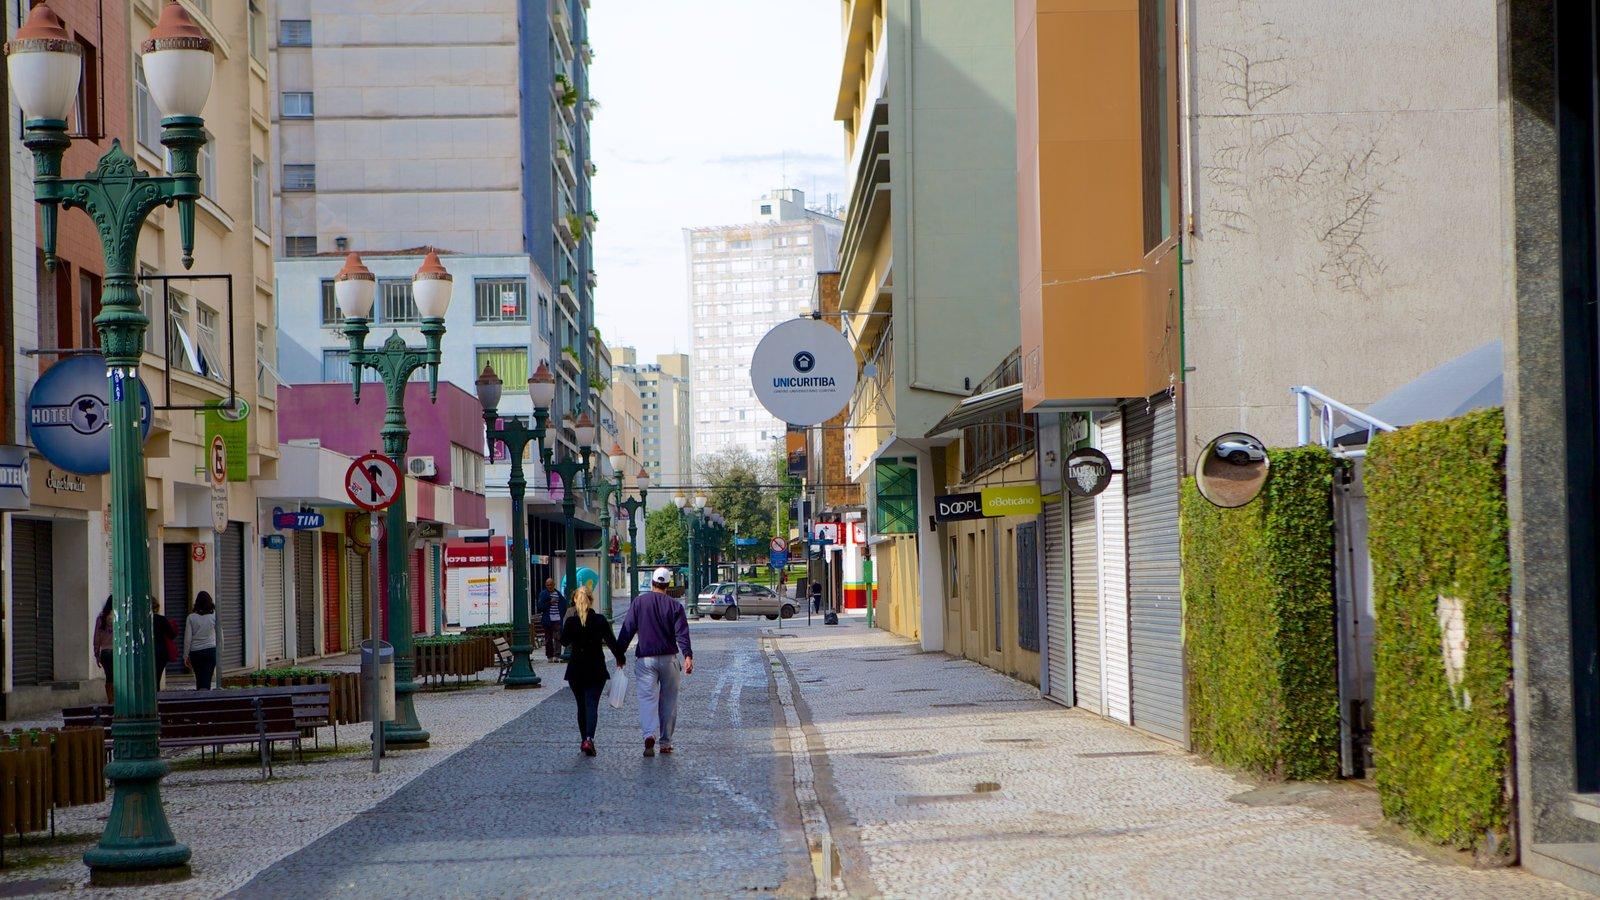 Curitiba mostrando cenas de rua assim como um casal